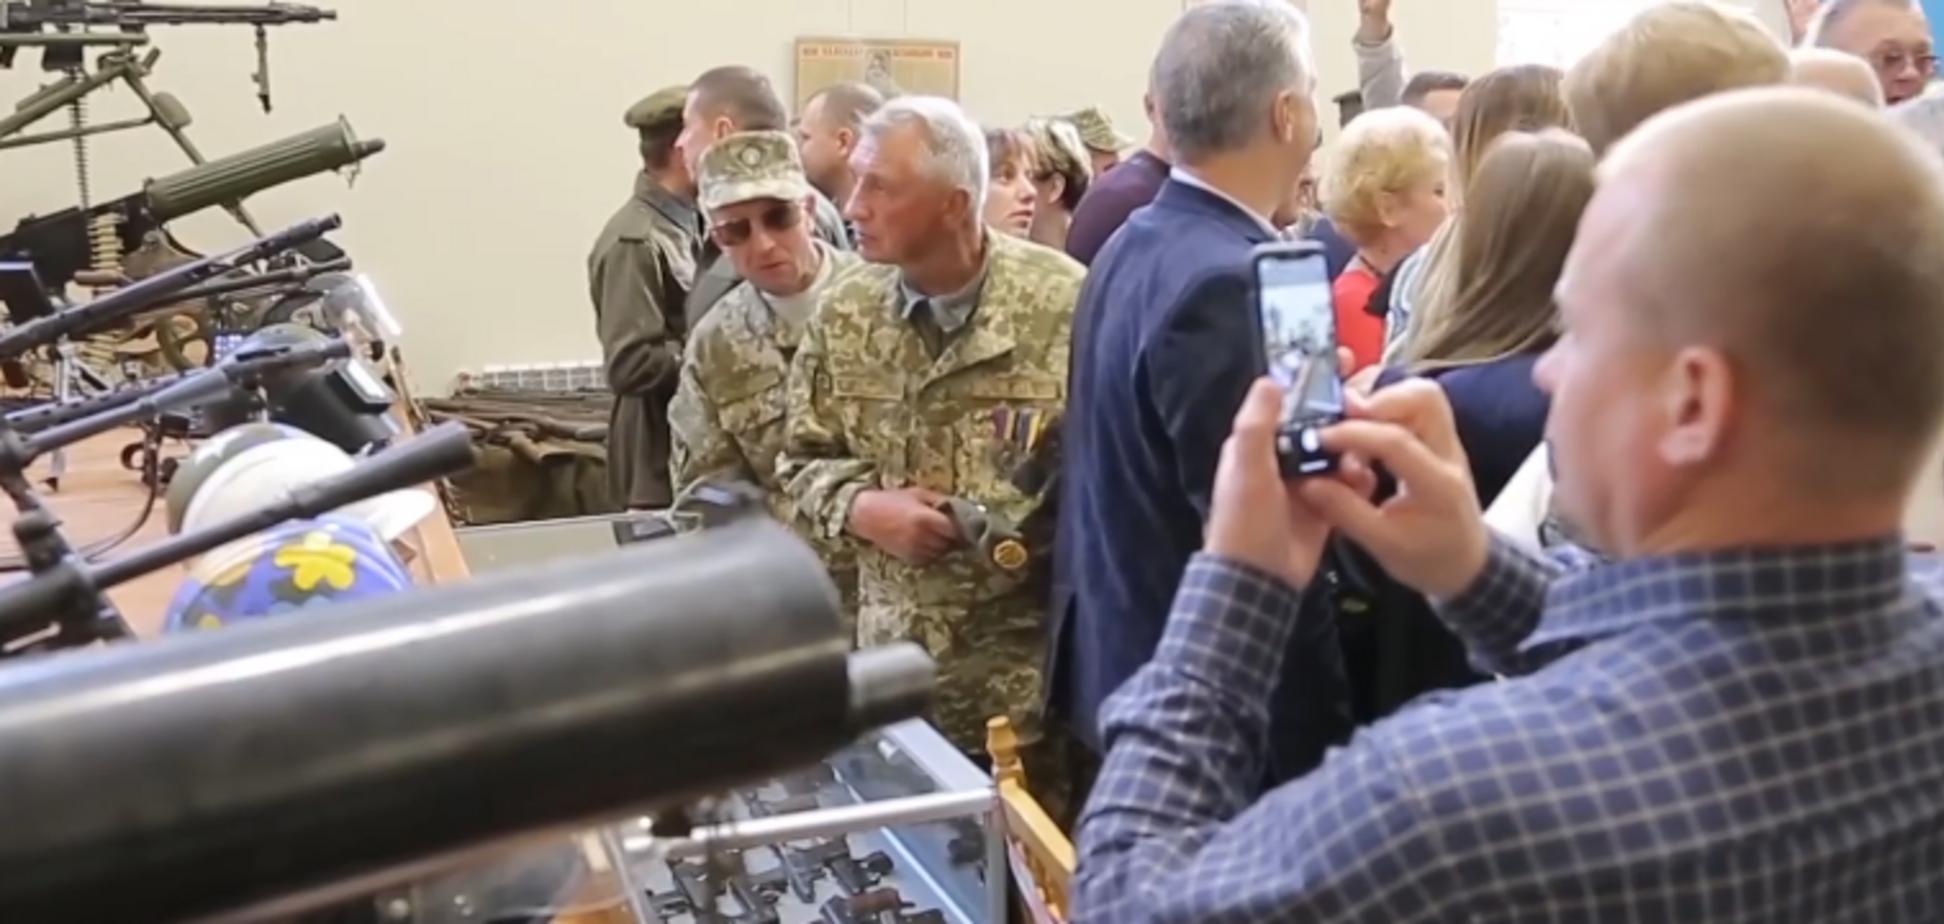 Послужит Украине: во Львове нашли применение культурному центру России